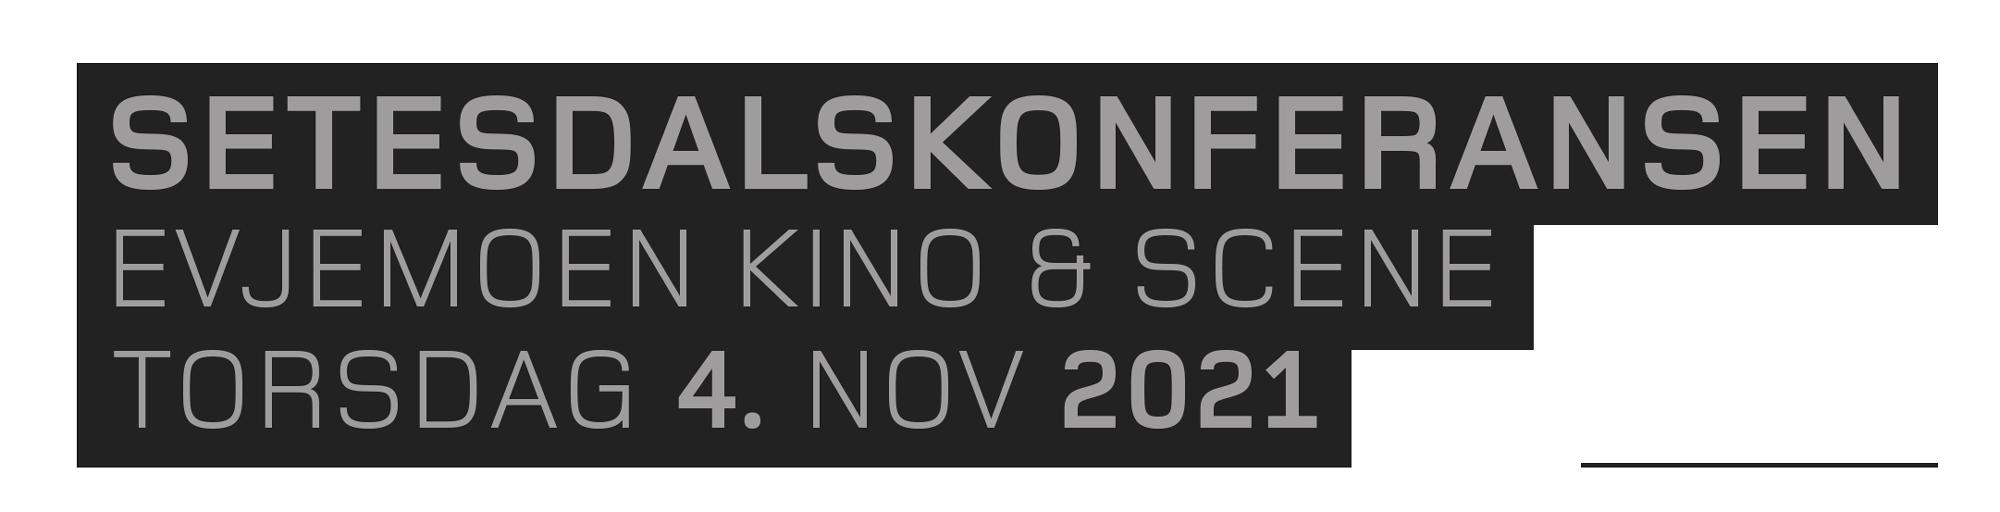 Setesdalskonferansen 2021